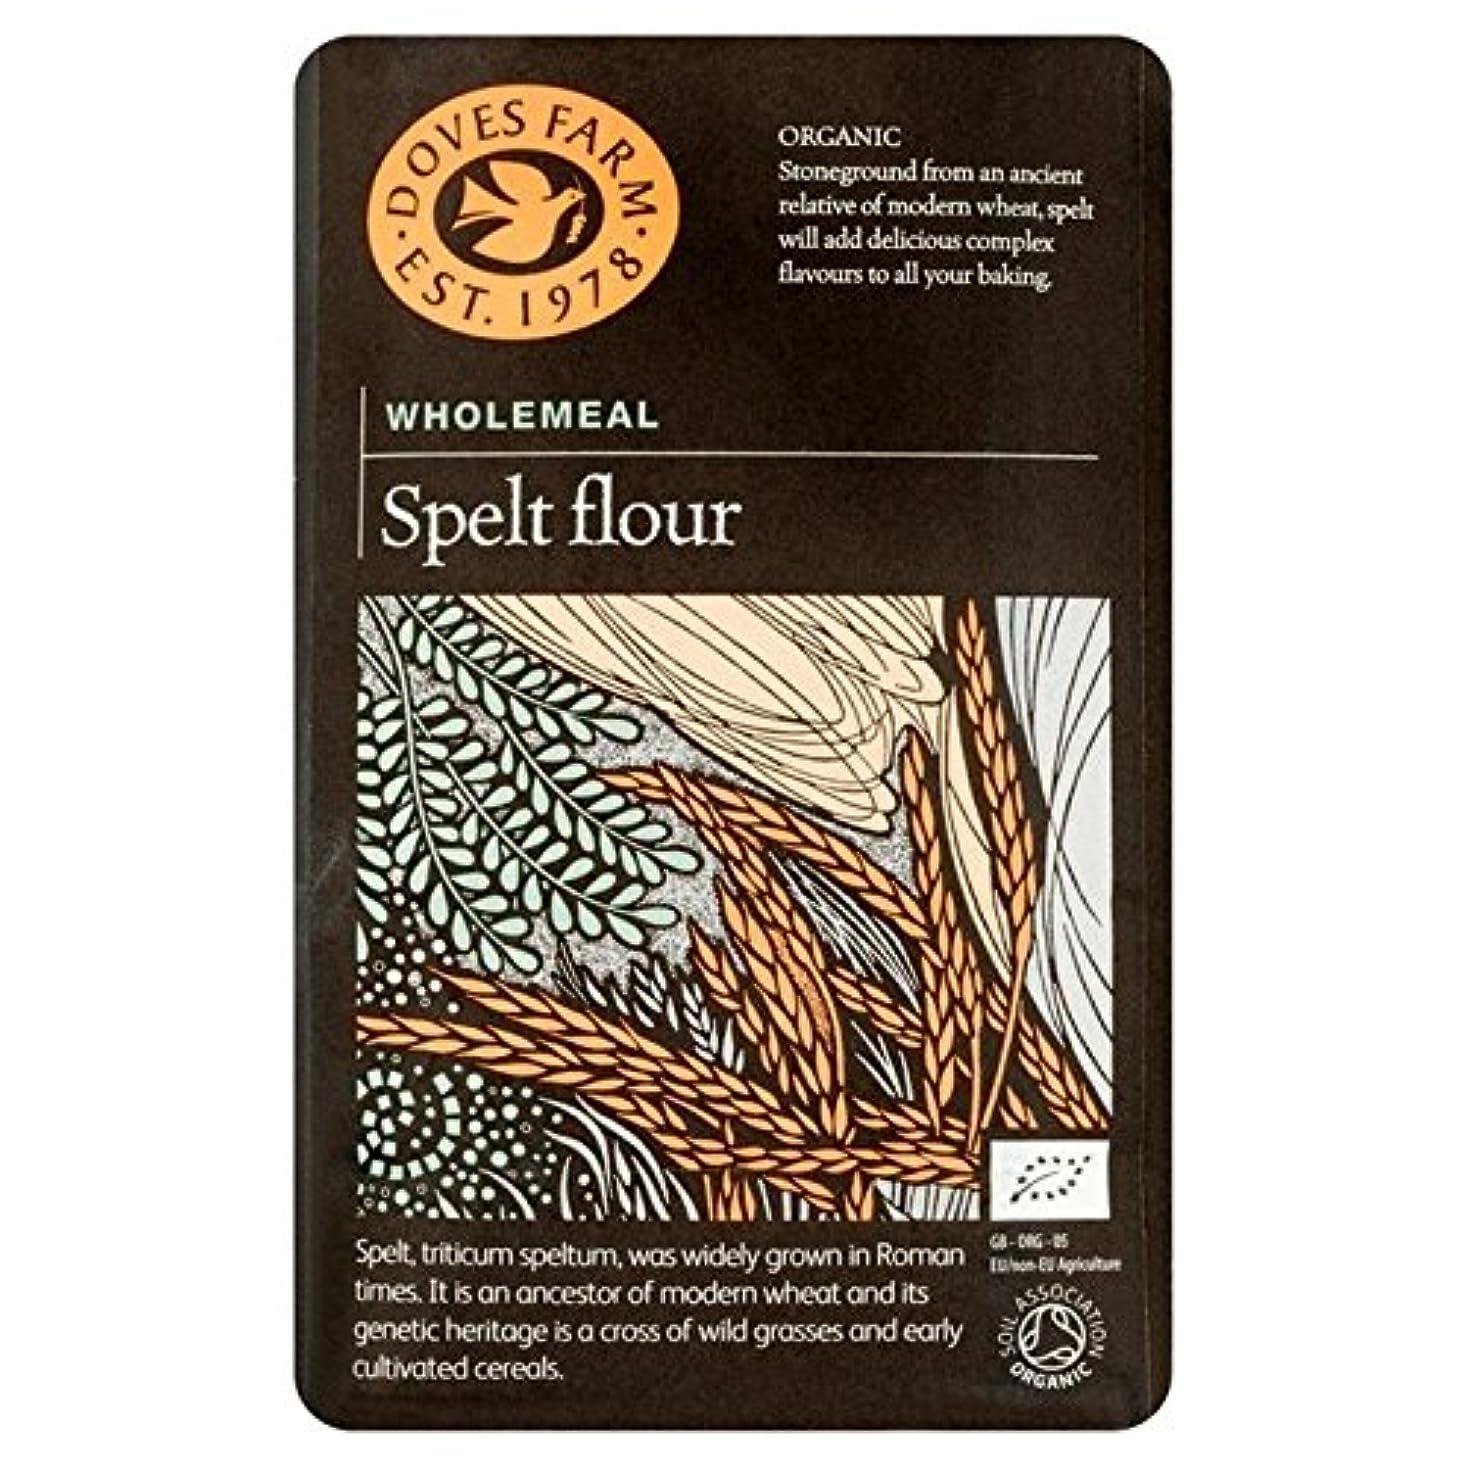 サドル胚冒険者(Doves Farm (鳩ファーム)) 有機全体の食事スペルト小麦粉1キロ (x2) - Doves Farm Organic Whole Meal Spelt Flour 1kg (Pack of 2) [並行輸入品]